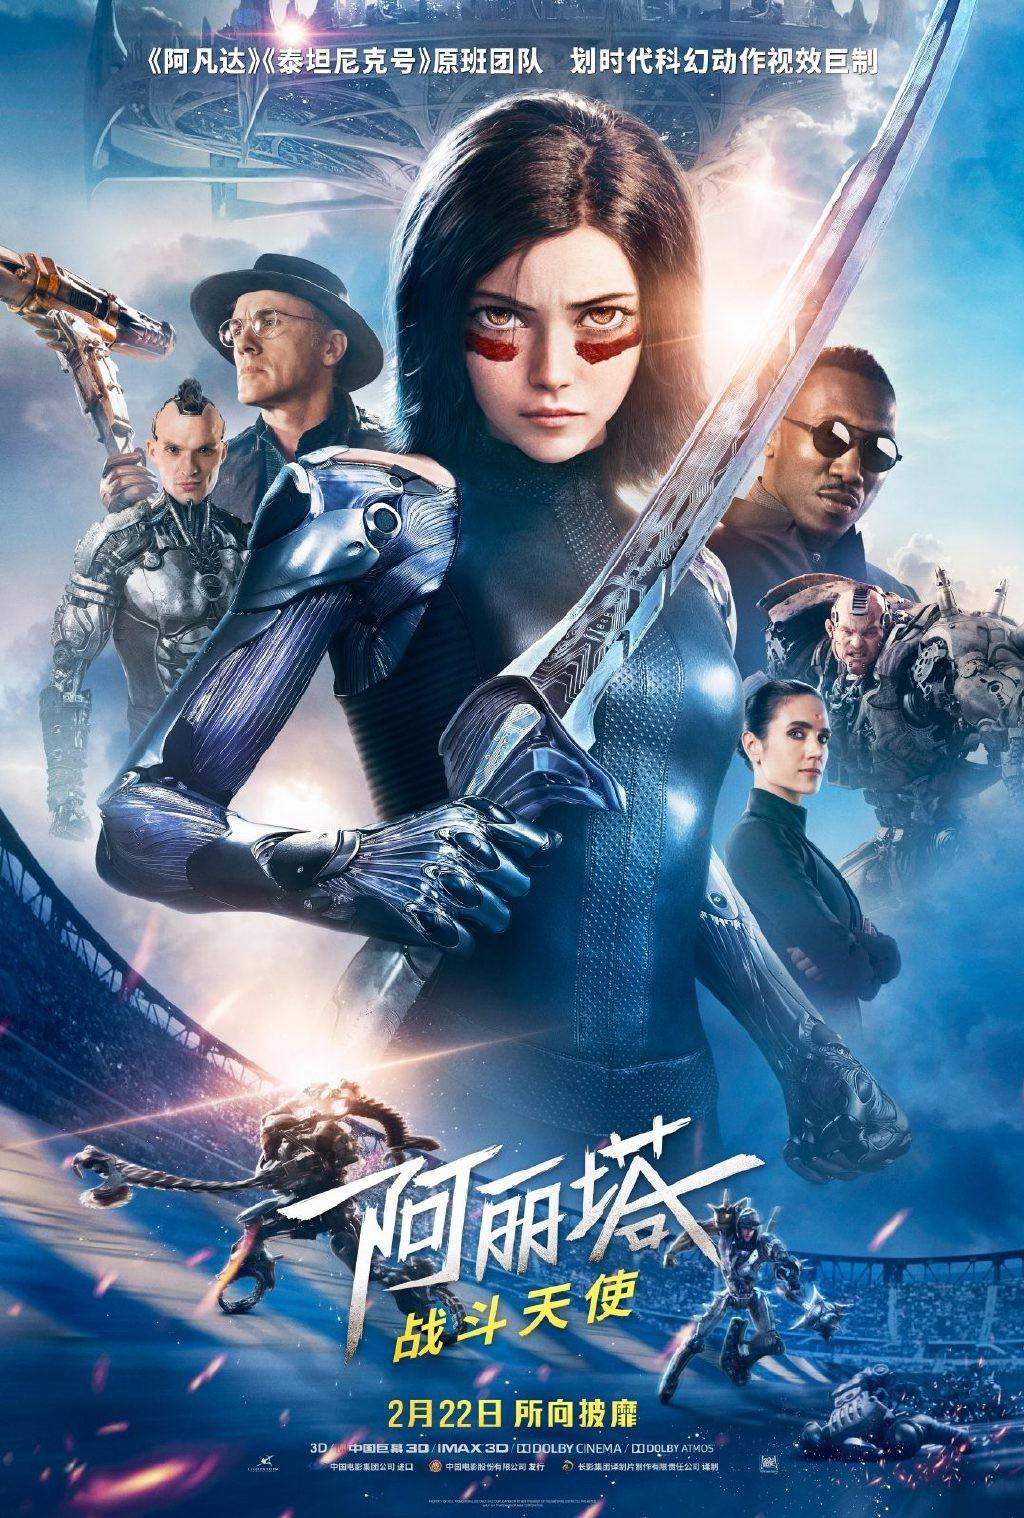 《阿丽塔》新中文海报公布 2月22日在内地上映